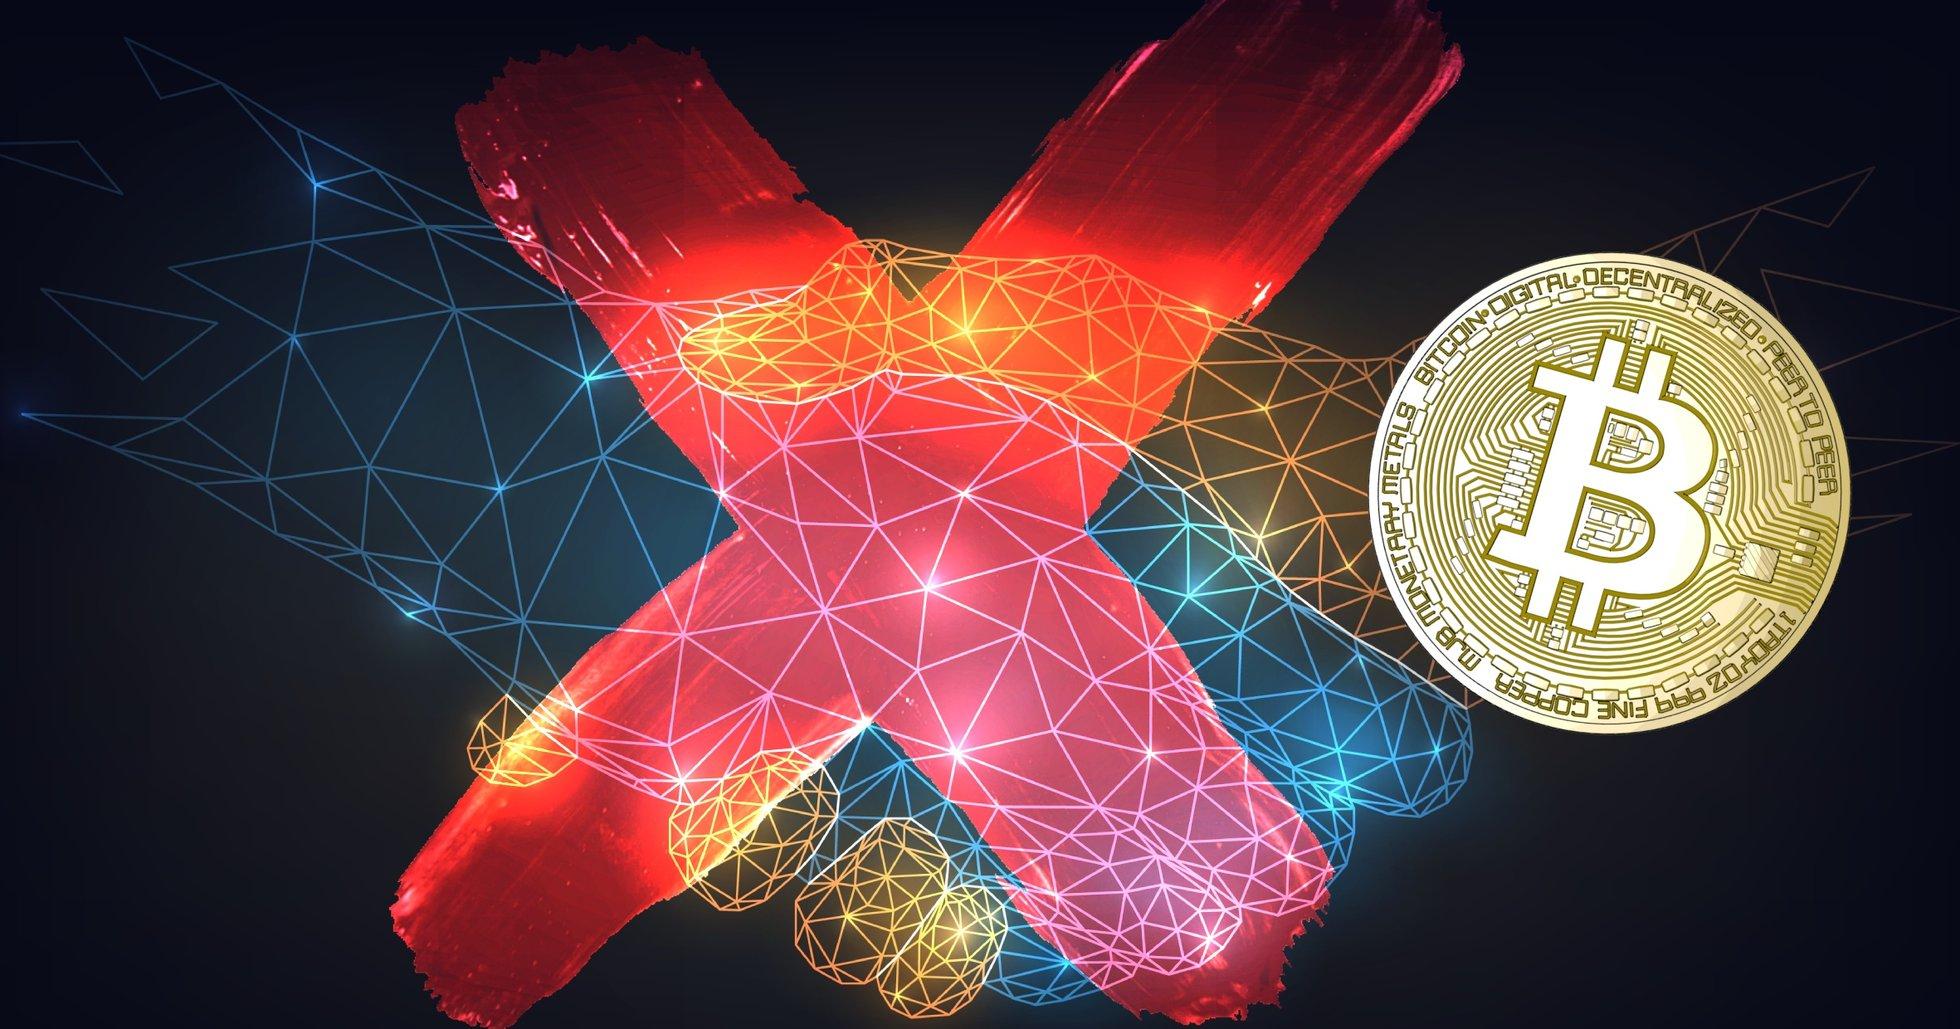 Ny undersökning visar: Låg tillit för decentraliserade kryptovalutor som bitcoin